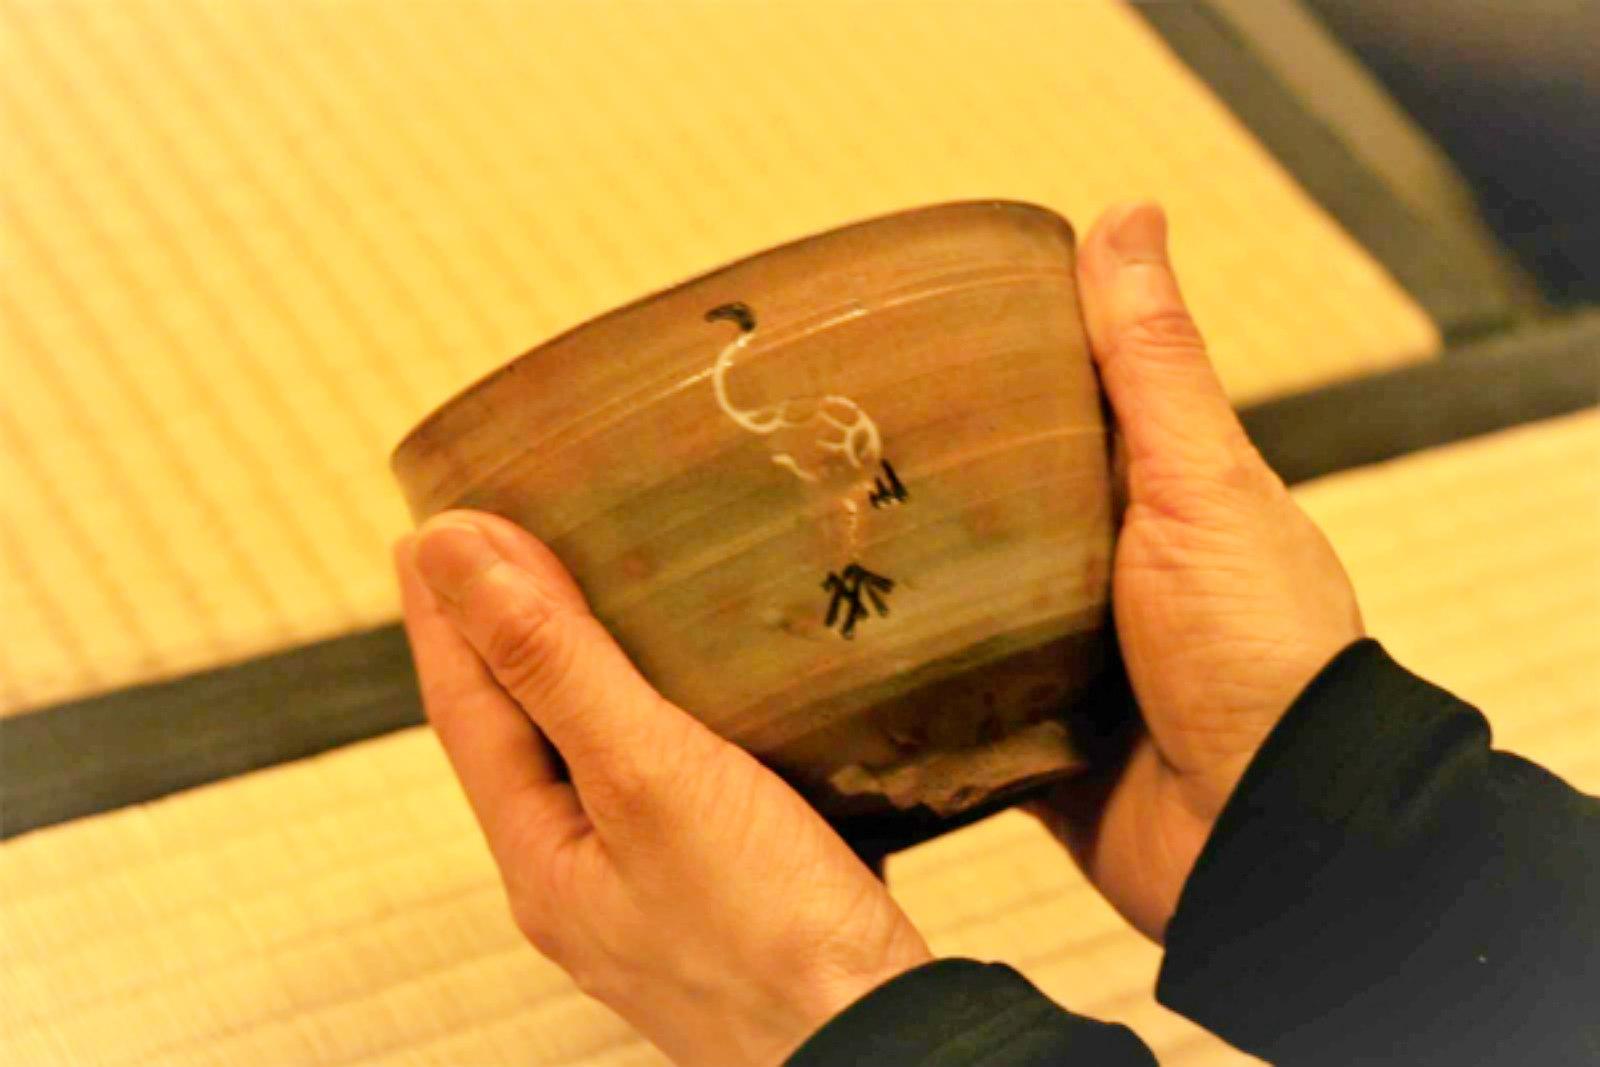 日本から注文して、朝鮮の窯で焼かせたという御本 (ごほん) 茶碗。なかでもこちらは徳川家光の命で小堀遠州が考案したもの